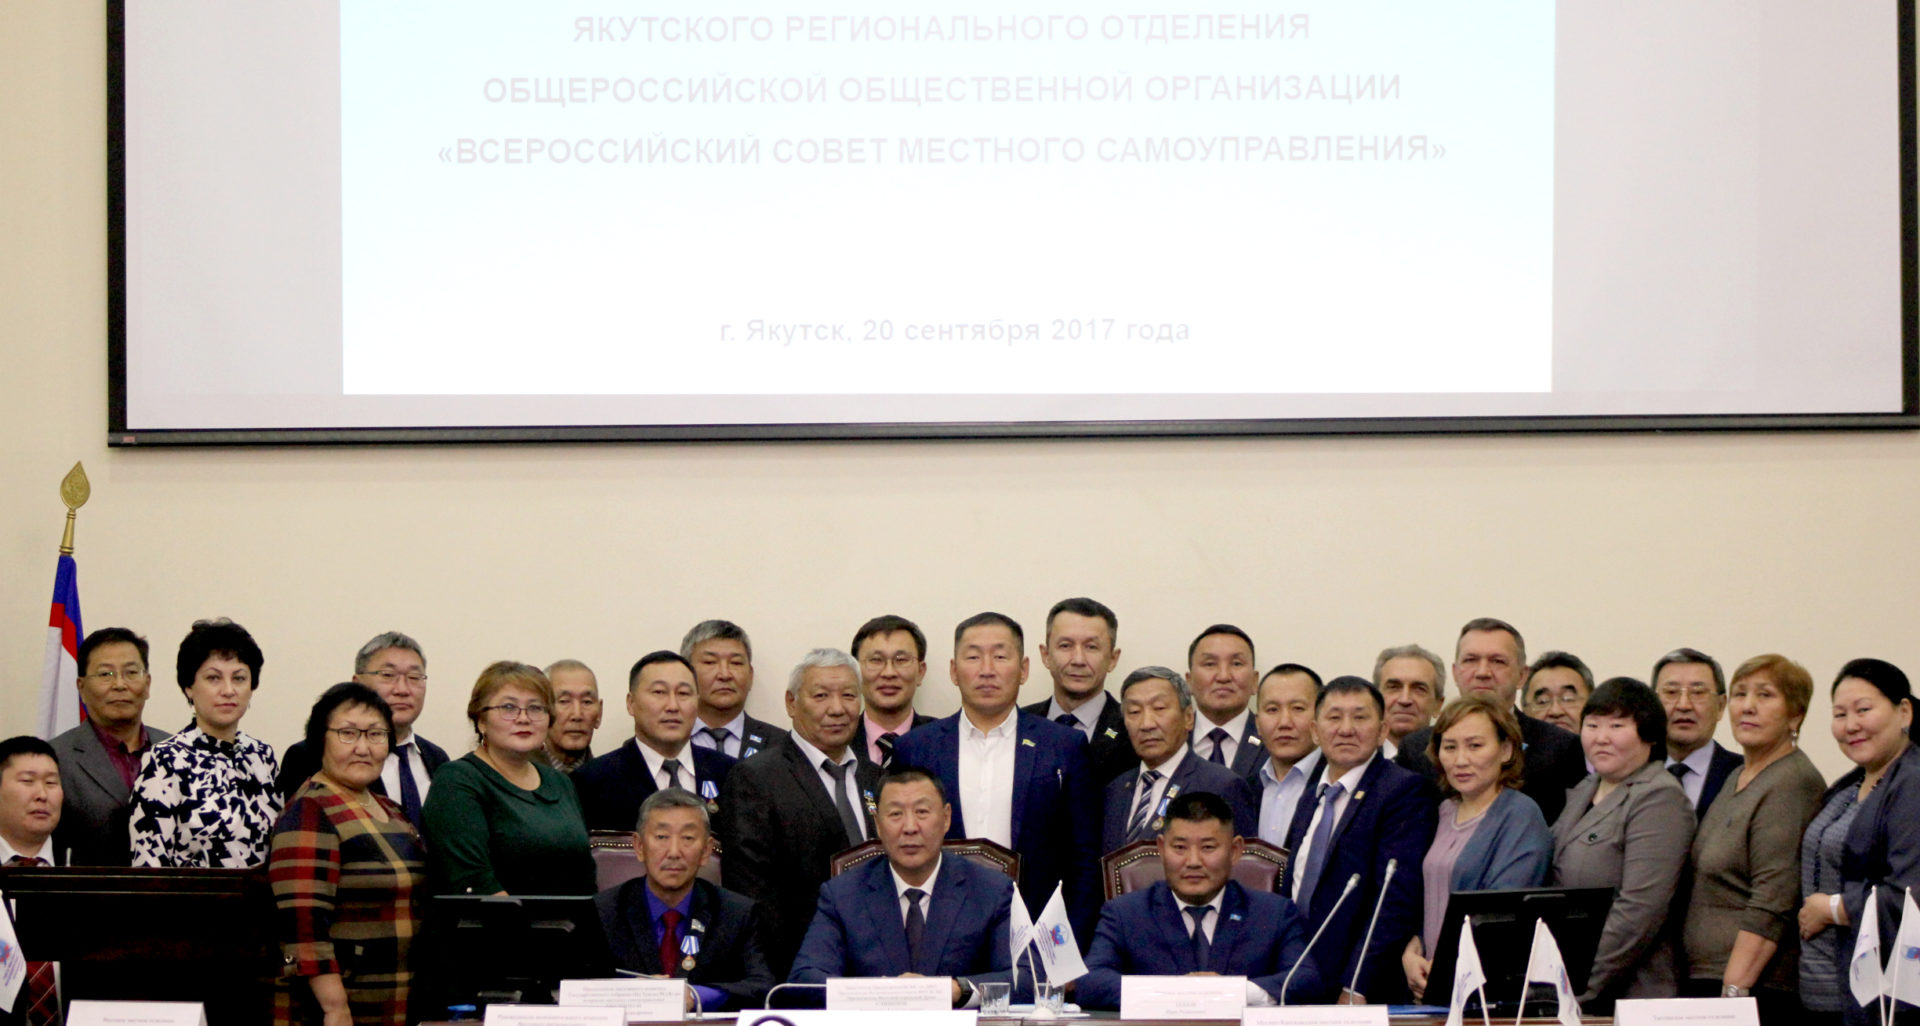 Избраны делегаты на VI Съезд Всероссийского Совета местного самоуправления